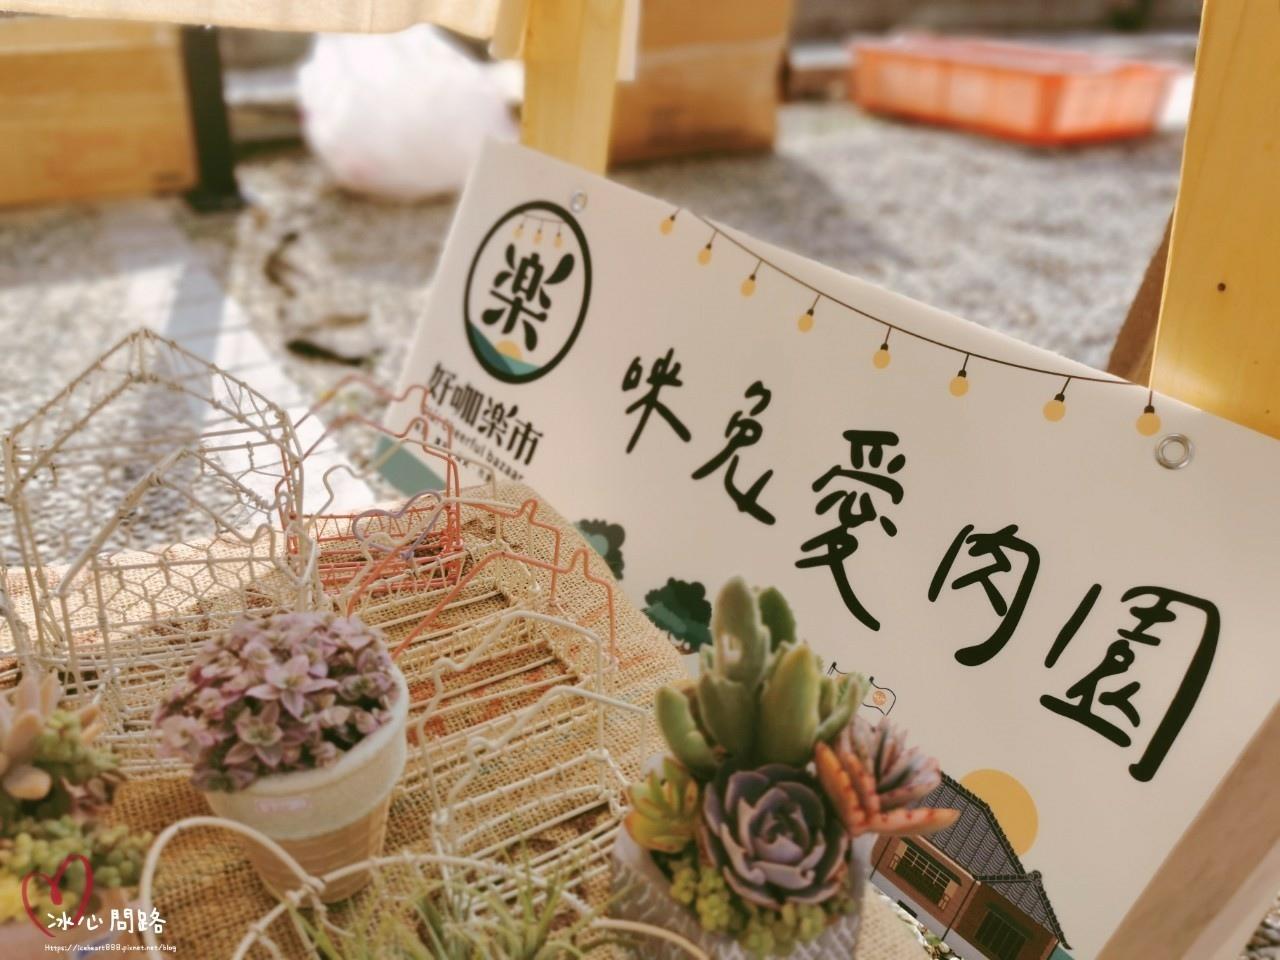 花蓮_好咖市集_咖逼小賣所_冰心問路 (18).jpg